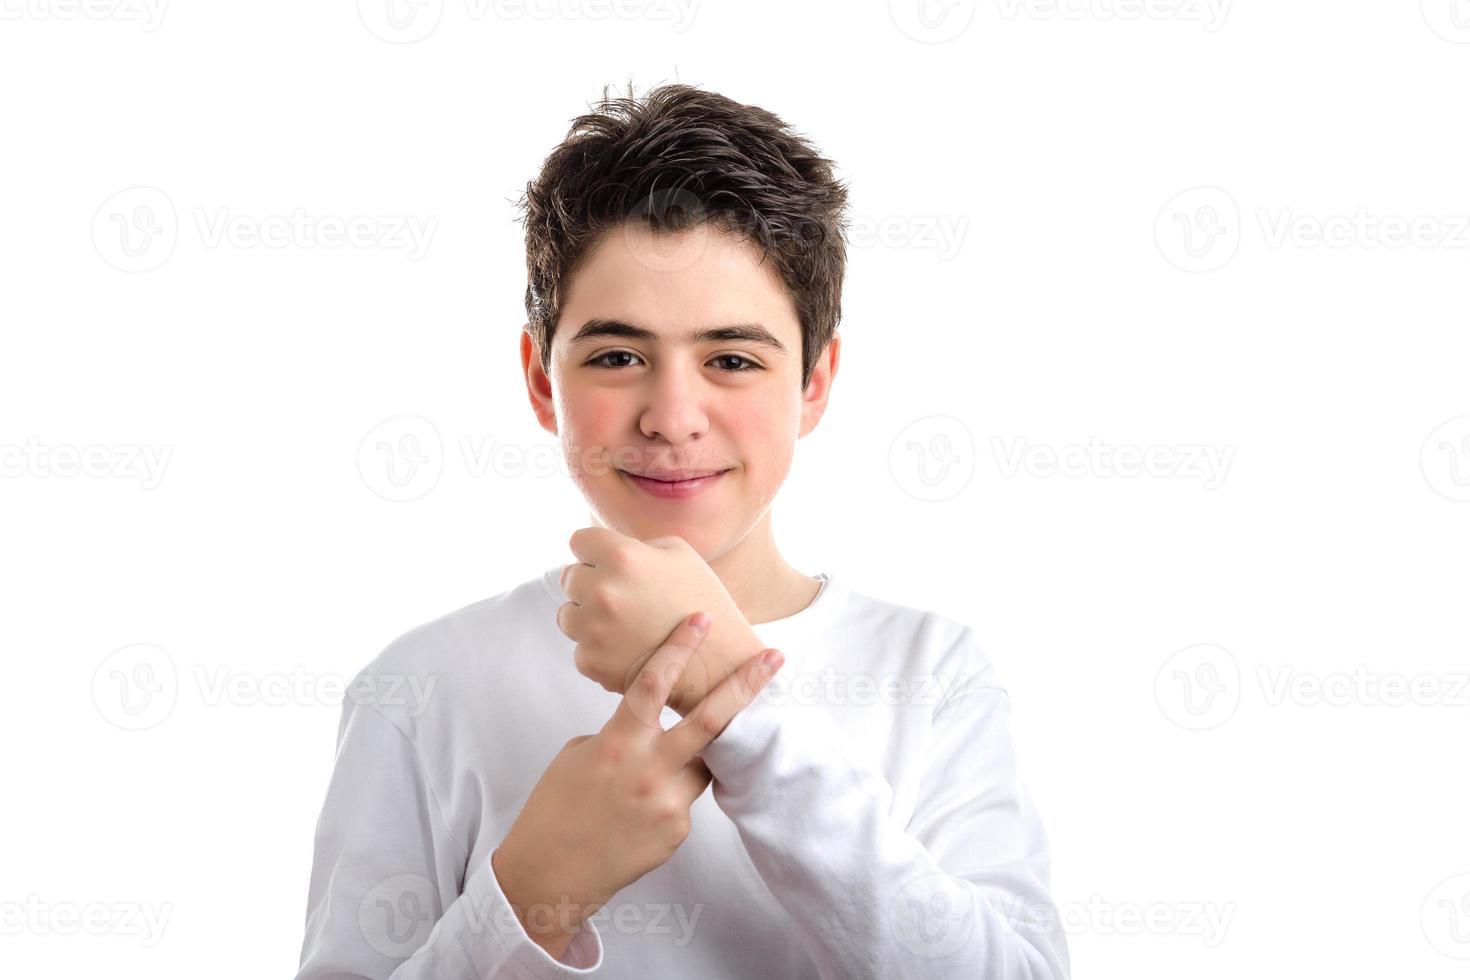 Kaukasisch gladde huid kind twee vingers op de linkerpols plaatsen foto